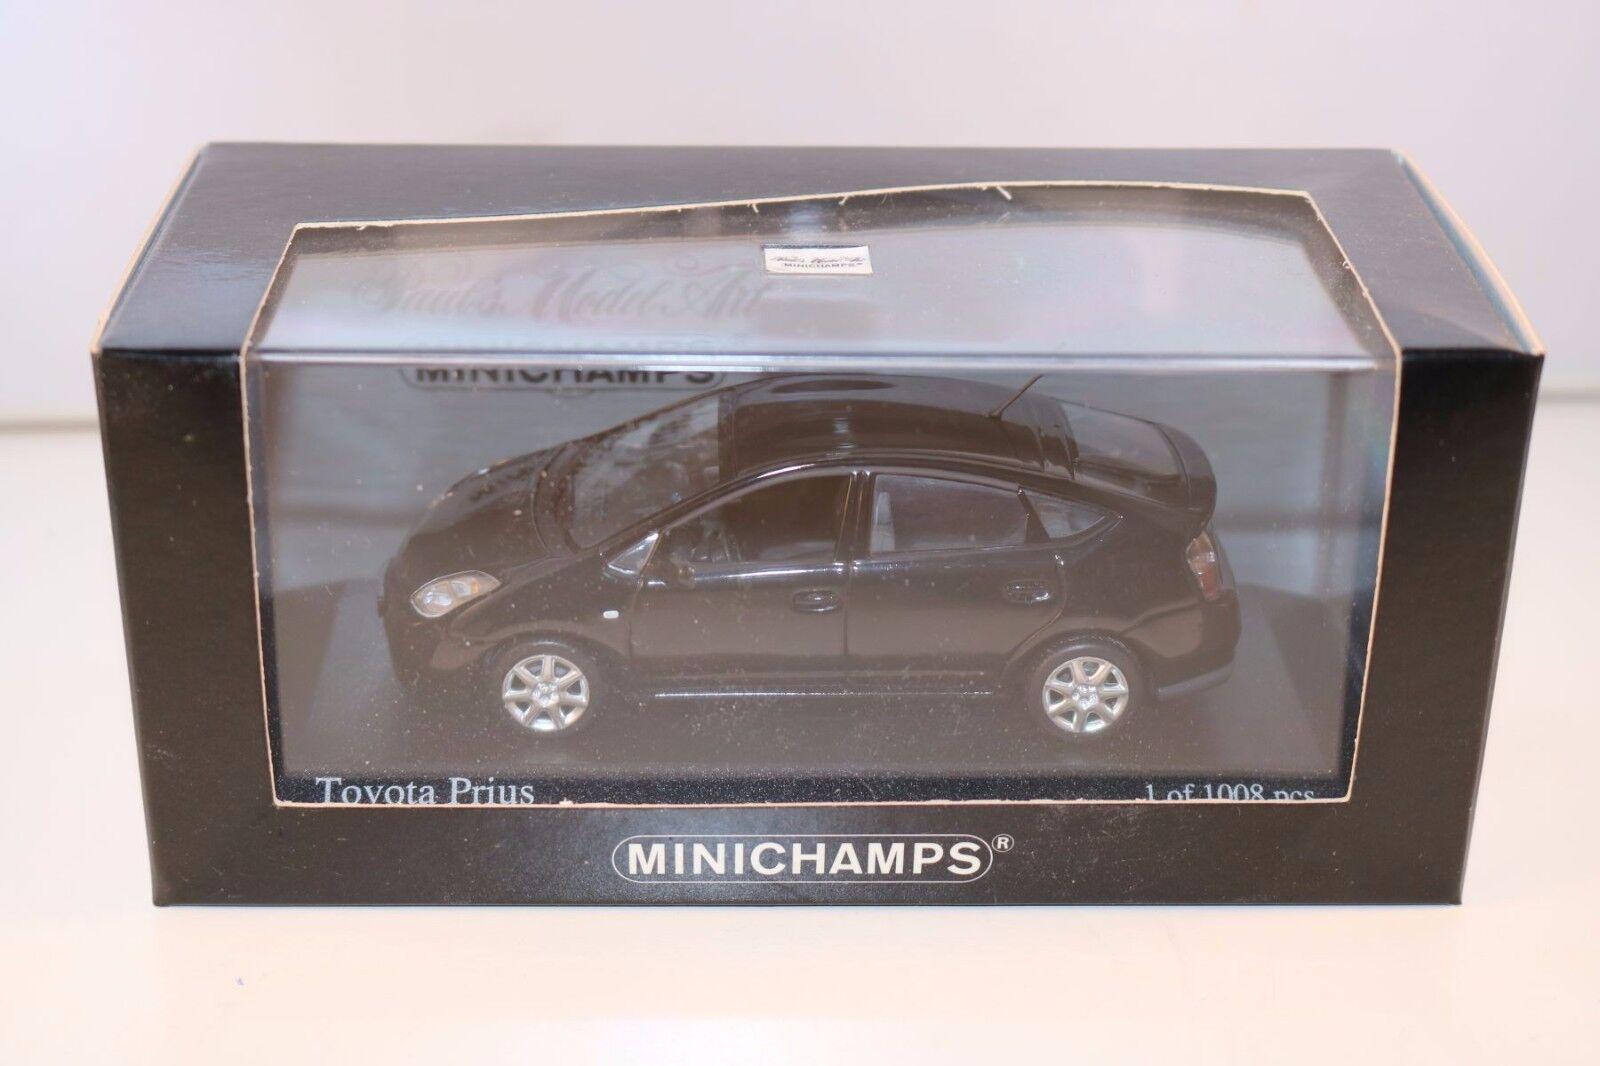 Minichamps Toyota Prius Onyxnero 1 43 perfect mint in box